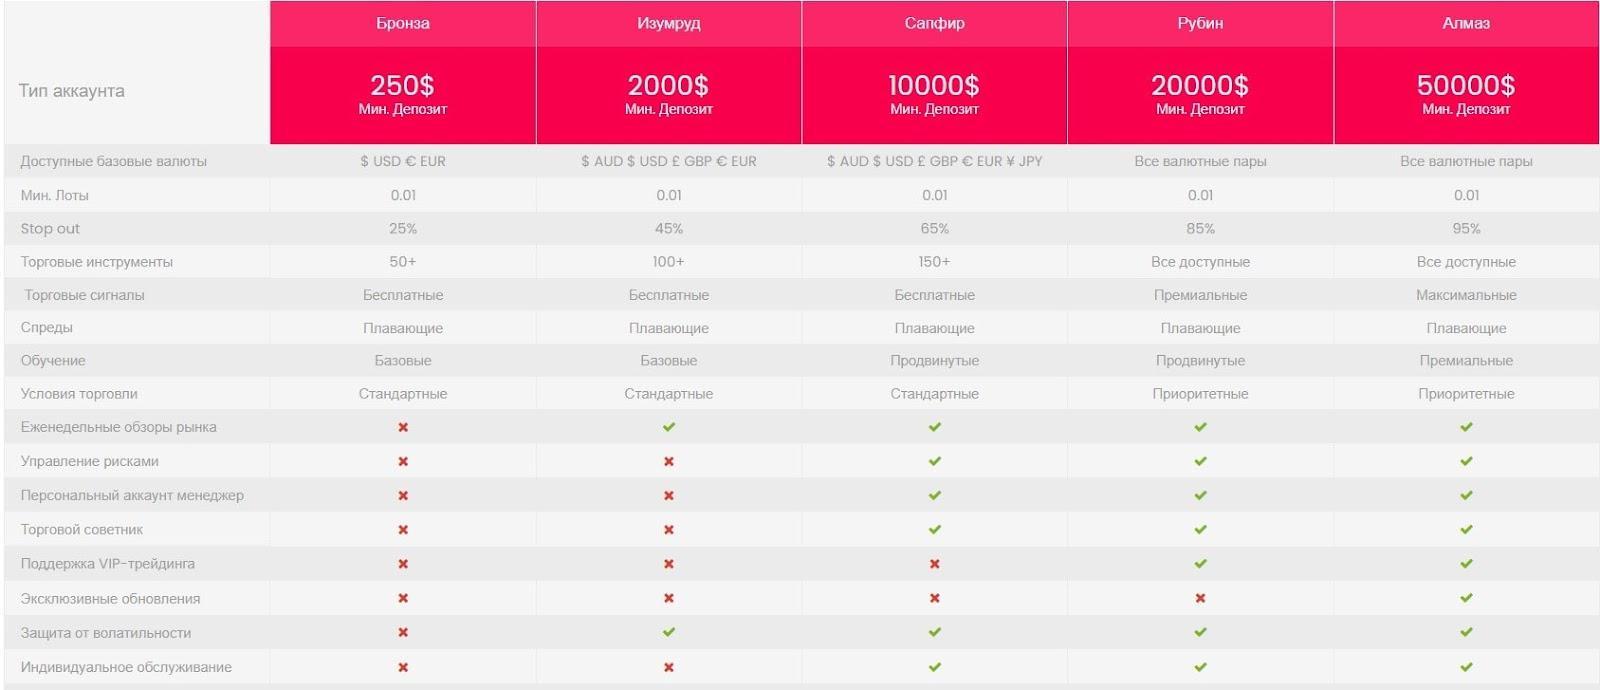 RubyFinance: отзывы и анализ трейдинговых предложений обзор